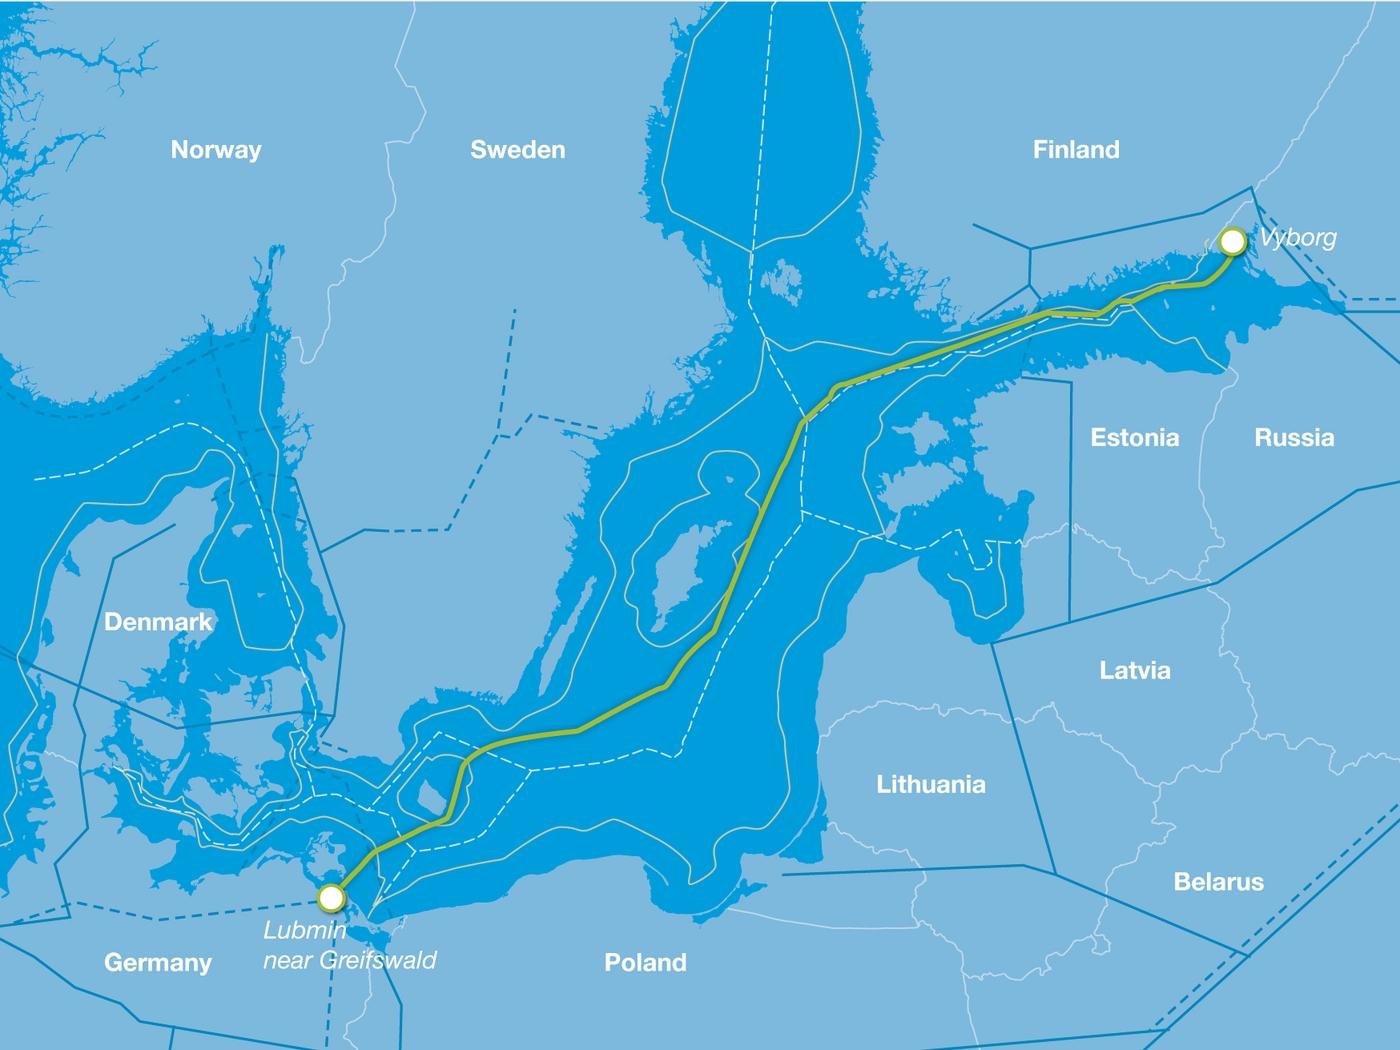 Finland keurt aanleg Nordstream 2 goed